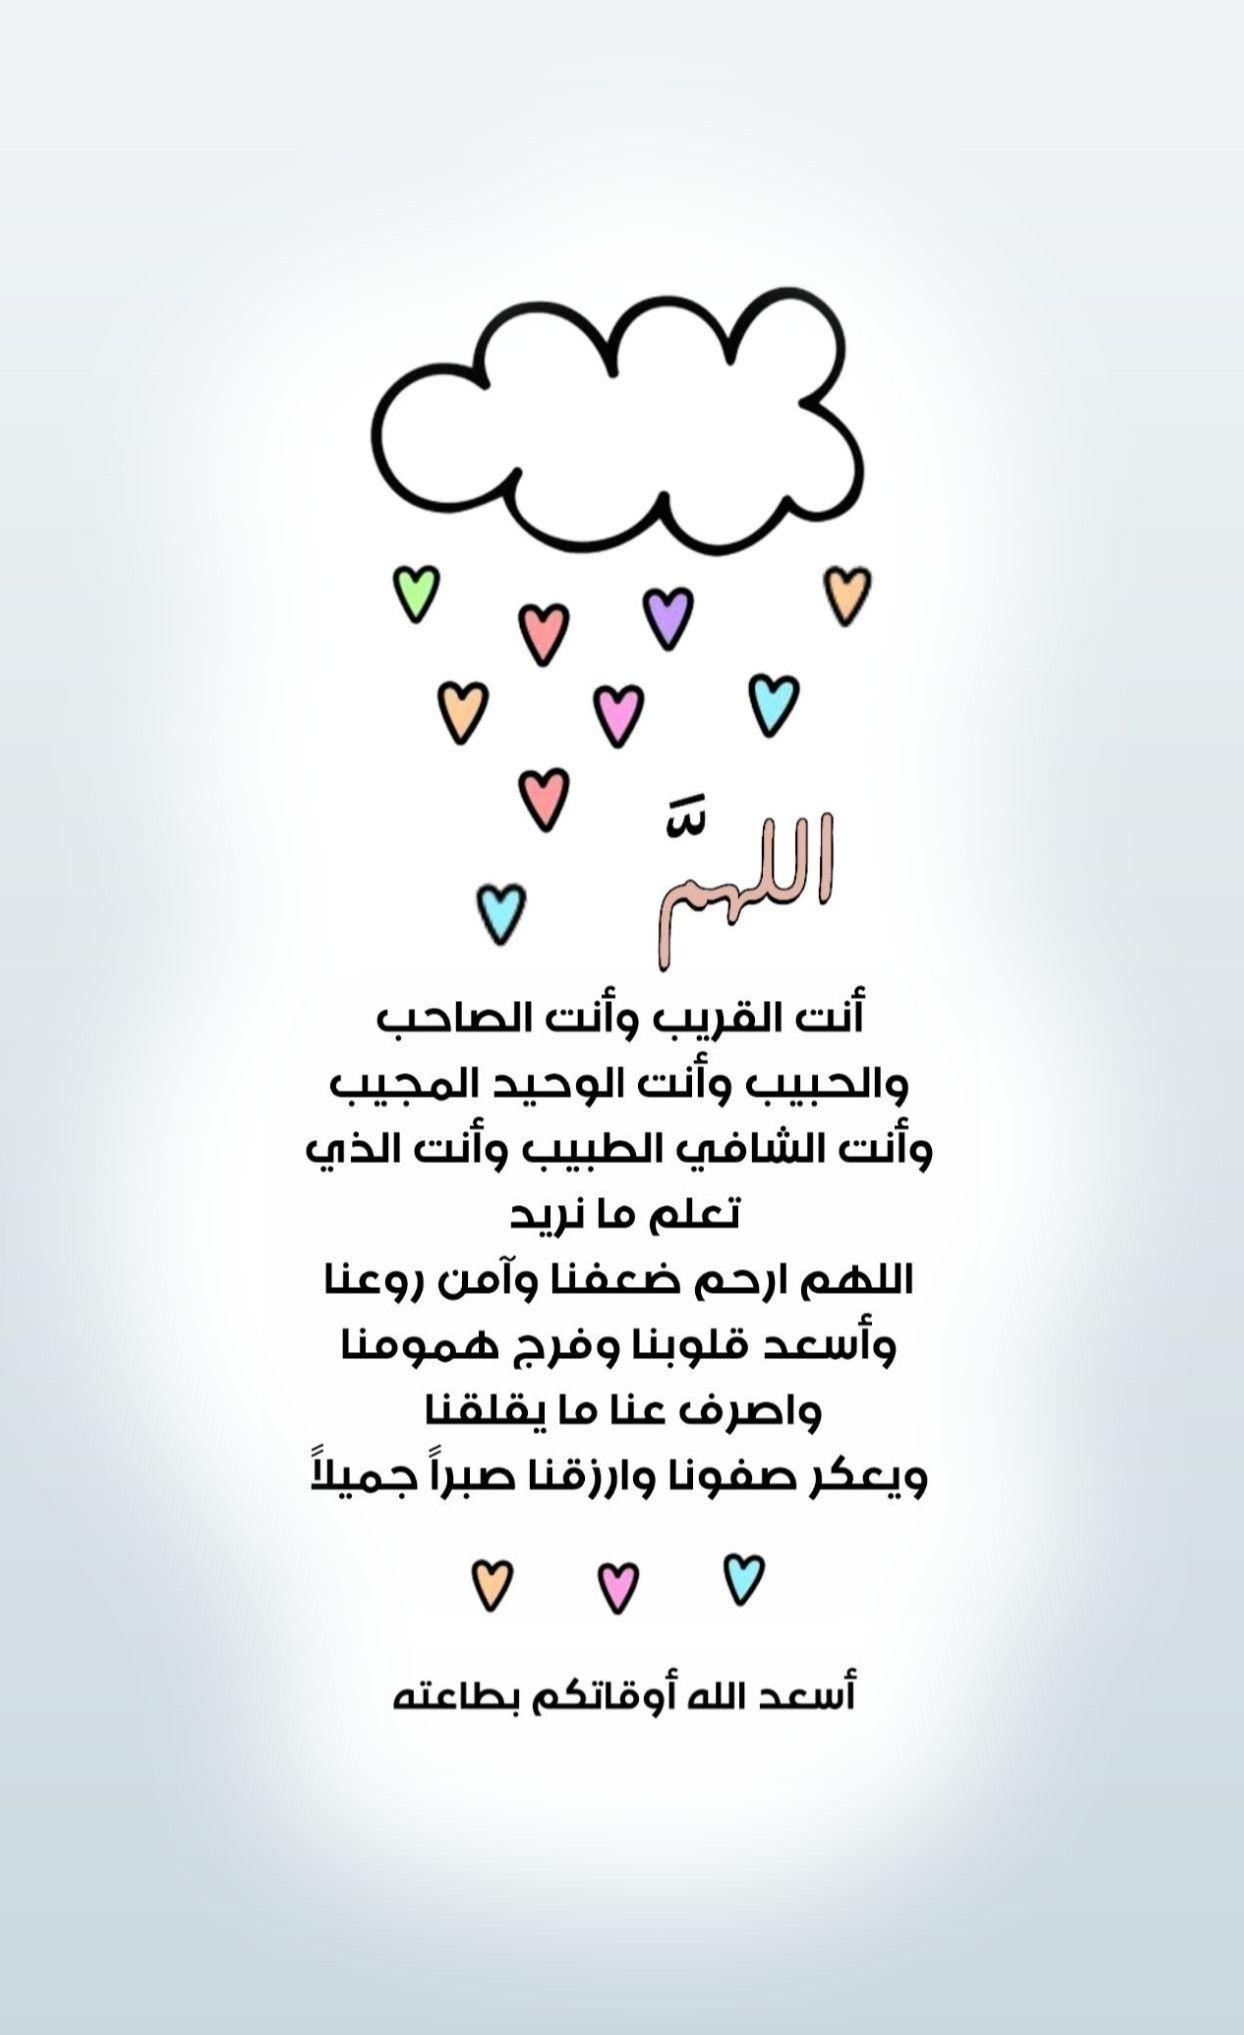 اللهم أنت القريب وأنت الصاحب والحبيب وأنت الوحيد المجيب وأنت الشافي الطبيب وأنت الذي تعلم Beautiful Islamic Quotes Good Morning Greetings Words Quotes